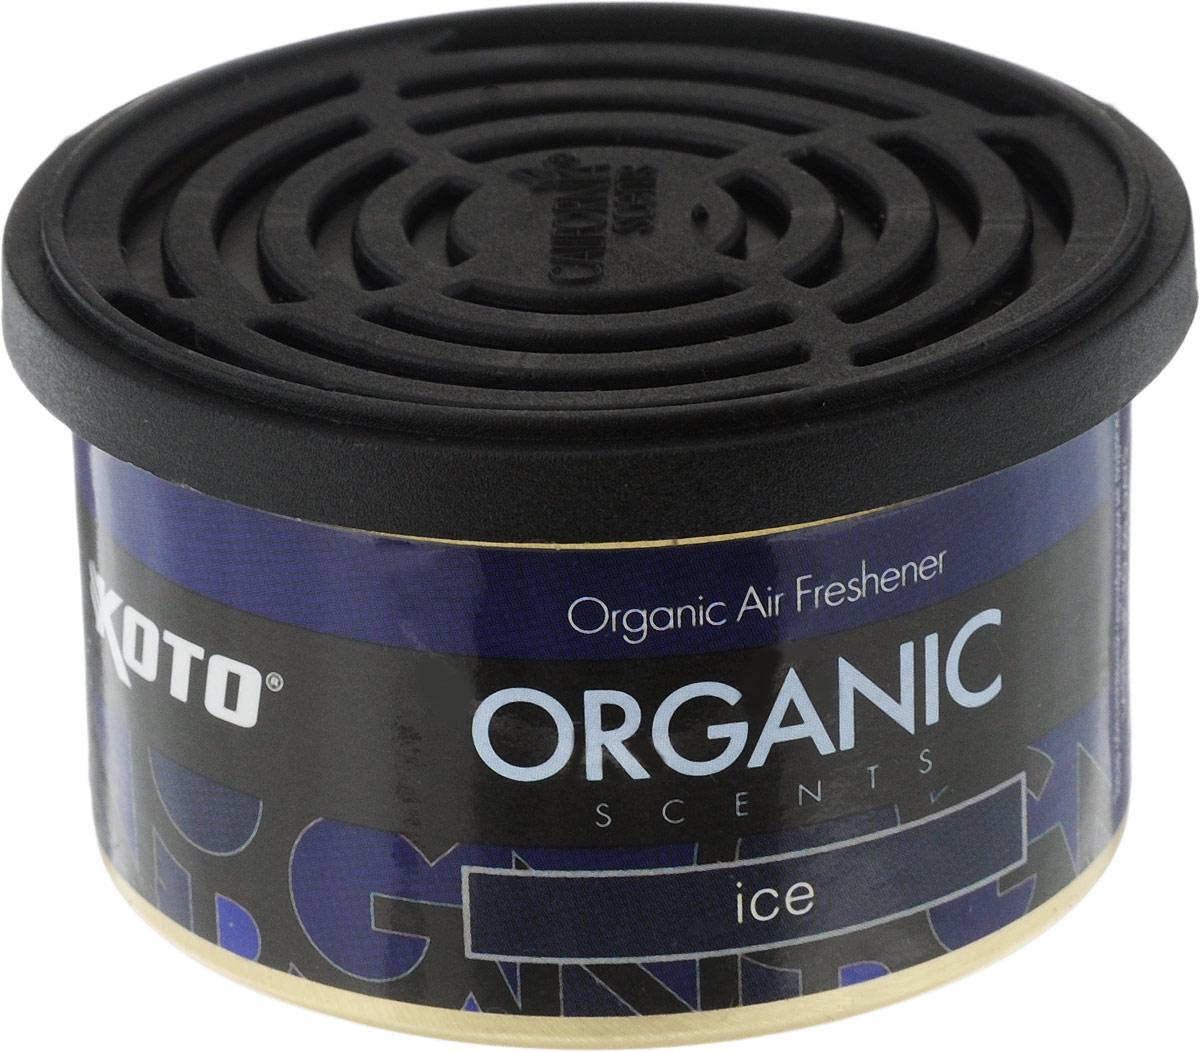 Ароматизатор автомобильный Koto Organic, ледFPO-103Автомобильный ароматизатор Koto Organic эффективно устраняет неприятные запахи и придает приятный аромат. Внутри -- органический наполнитель, который не растекается и не вредит окружающей среде. Ароматизатор имеет удобную крышку-регулятор, так что интенсивность аромата вы сможете настроить сами. Стойкий аромат держится около 60 дней. Ароматизатор может быть расположен как на приборной панели, так и под сиденьем автомобиля. Товар сертифицирован.